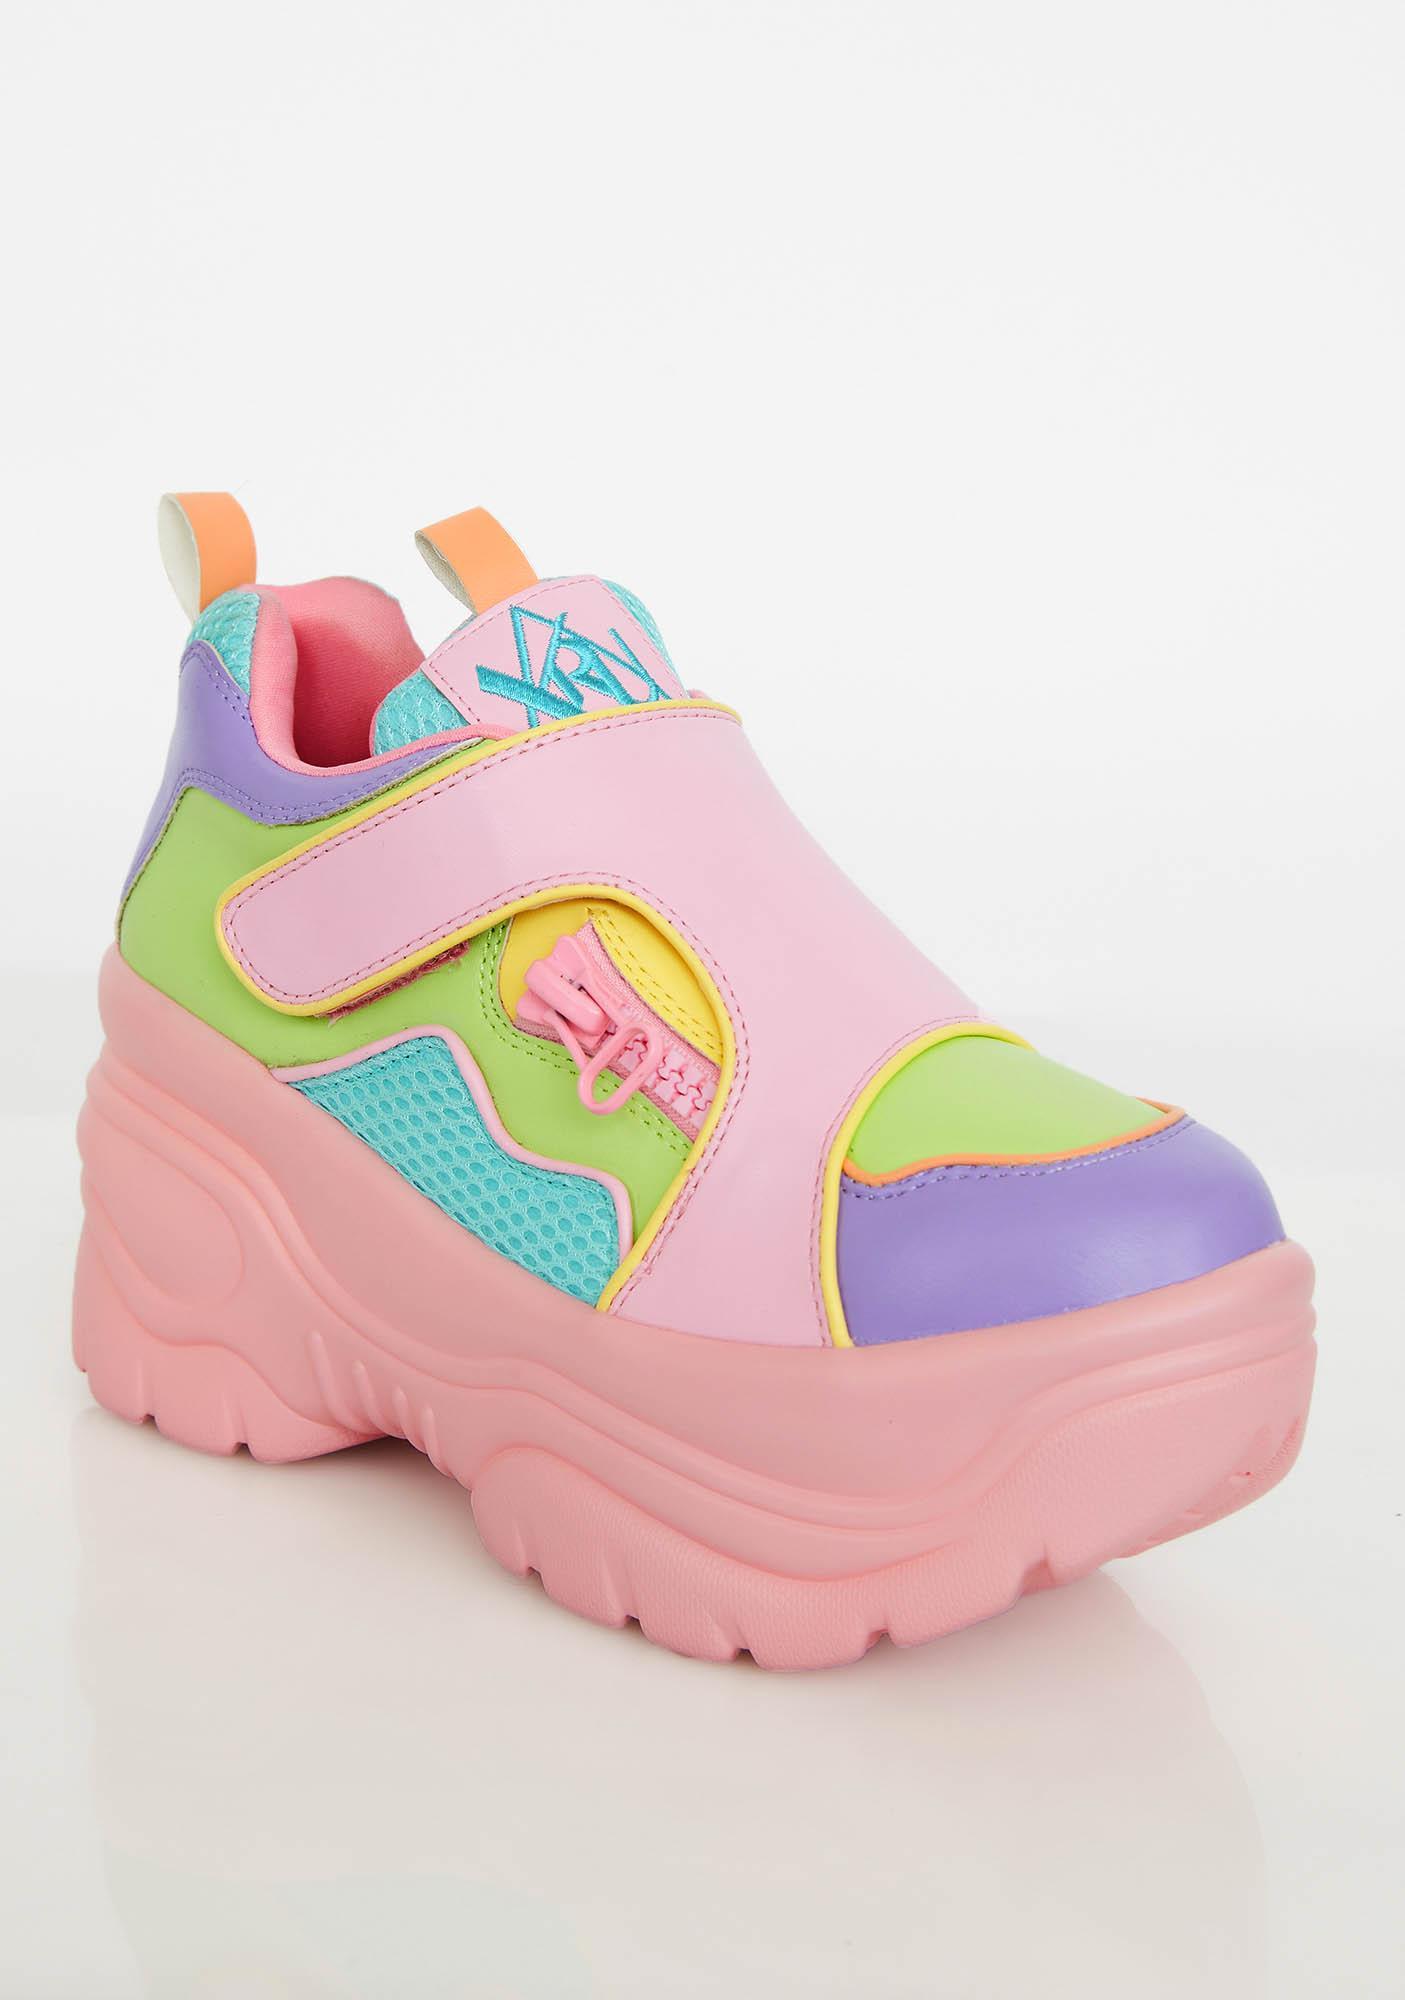 Y.R.U. Matrixx 2 Pastel Platform Sneakers